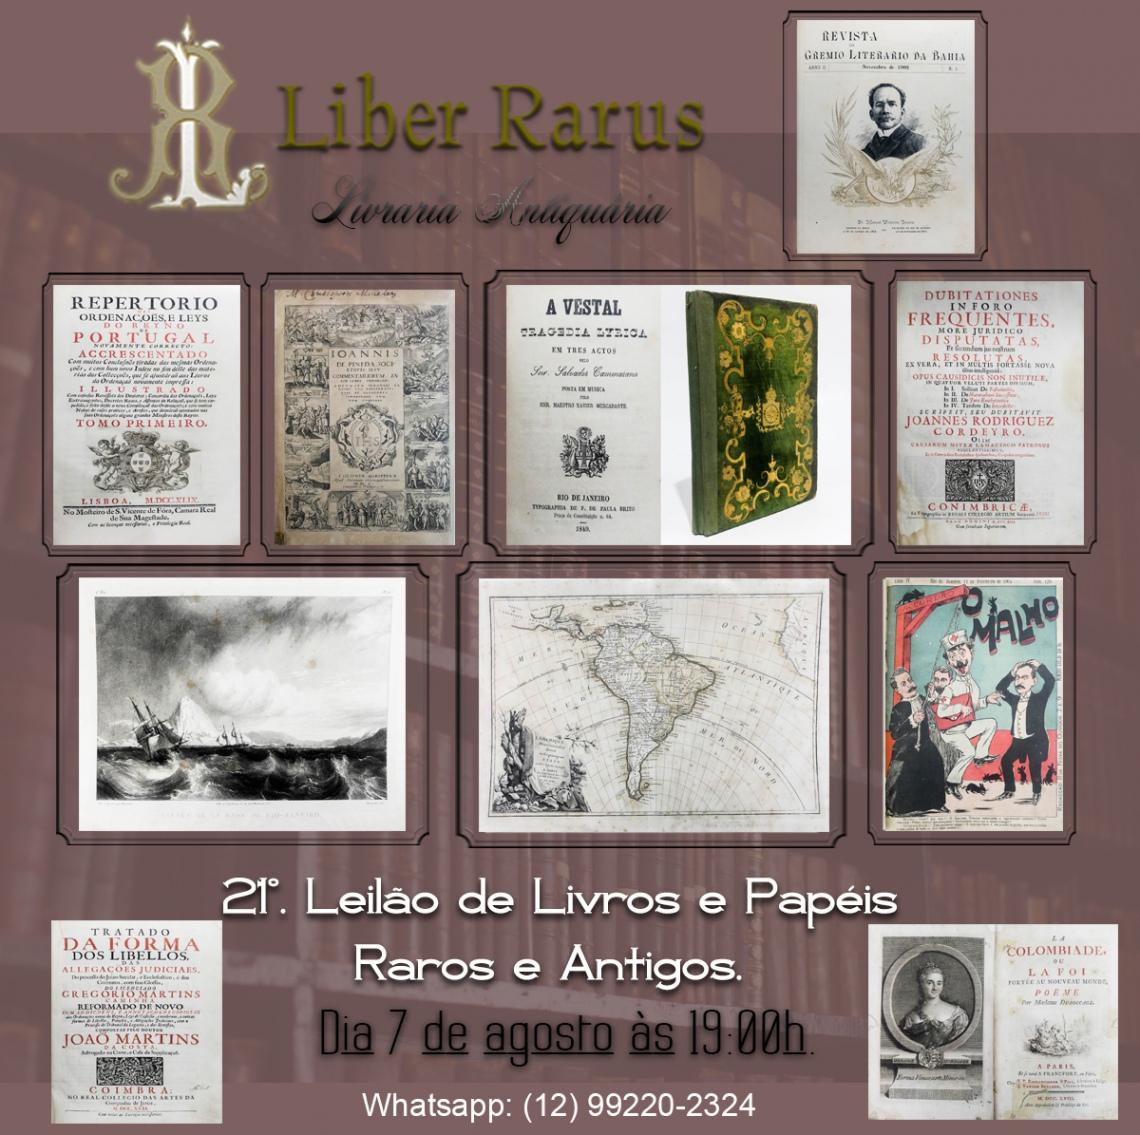 21º Leilão de Livros e Papéis Raros e Antigos - Liber Rarus - 07/08/2021 - 19h00